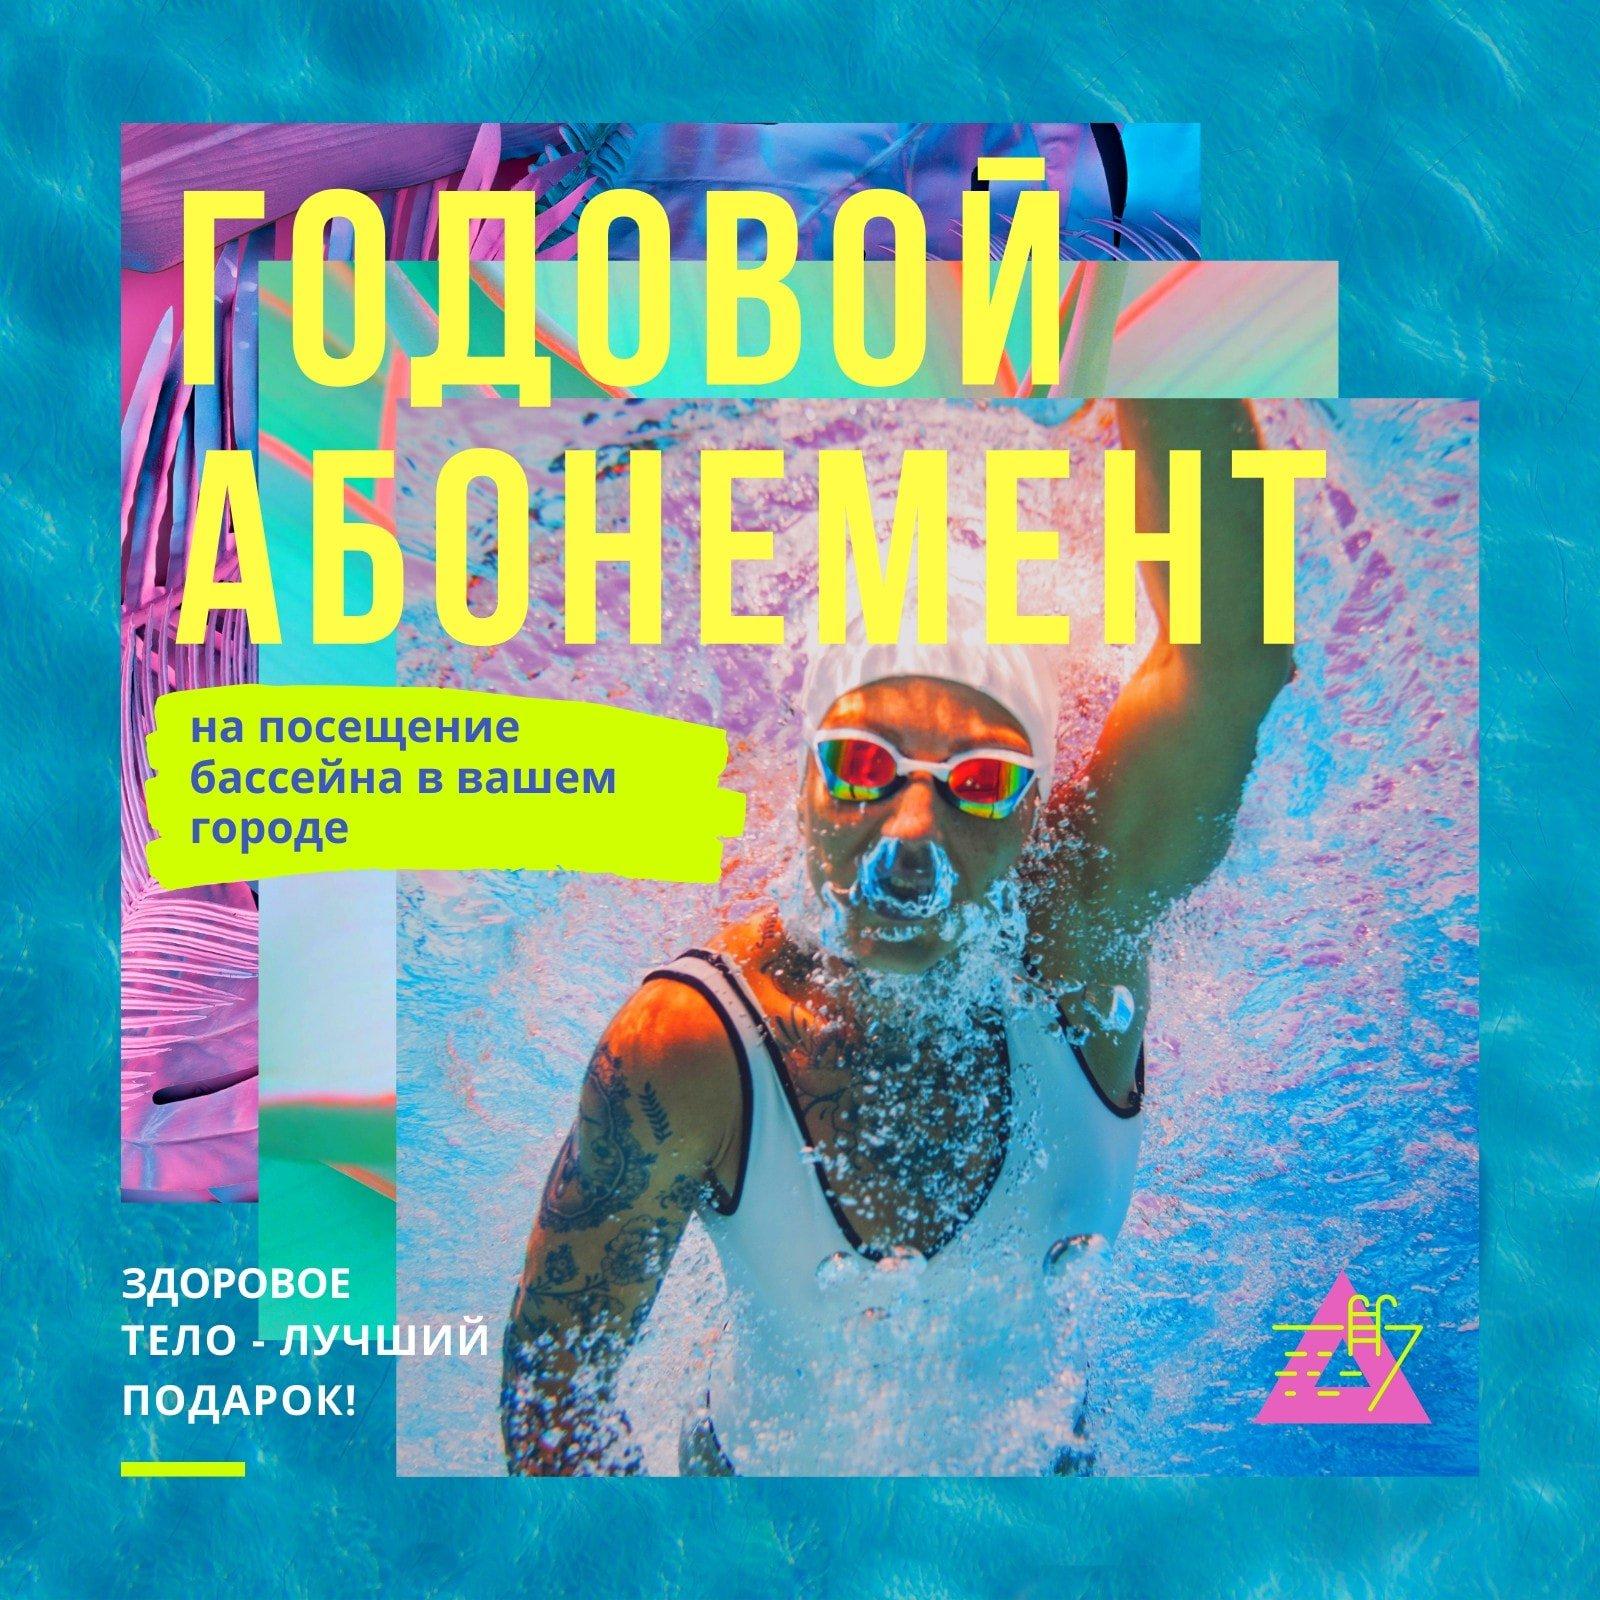 Синяя публикация в Instagram с фотографией пловца и цветной графикой